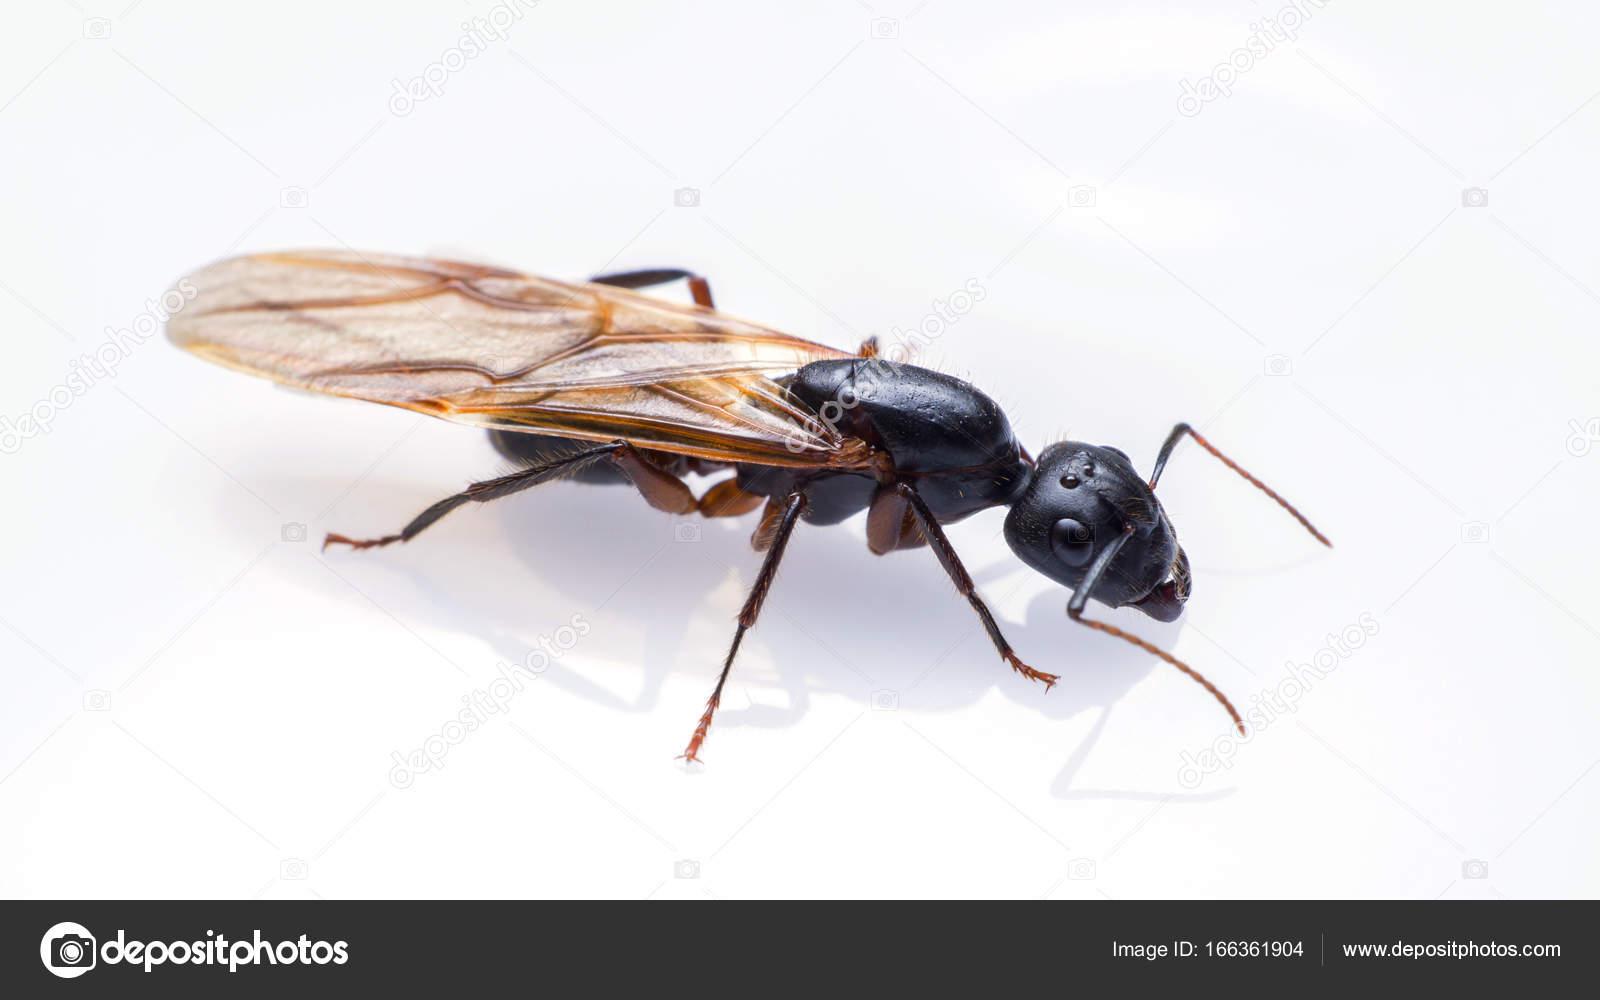 Häufig Fliegende Ameisen isoliert auf weißem Hintergrund. Geflügelte NR69